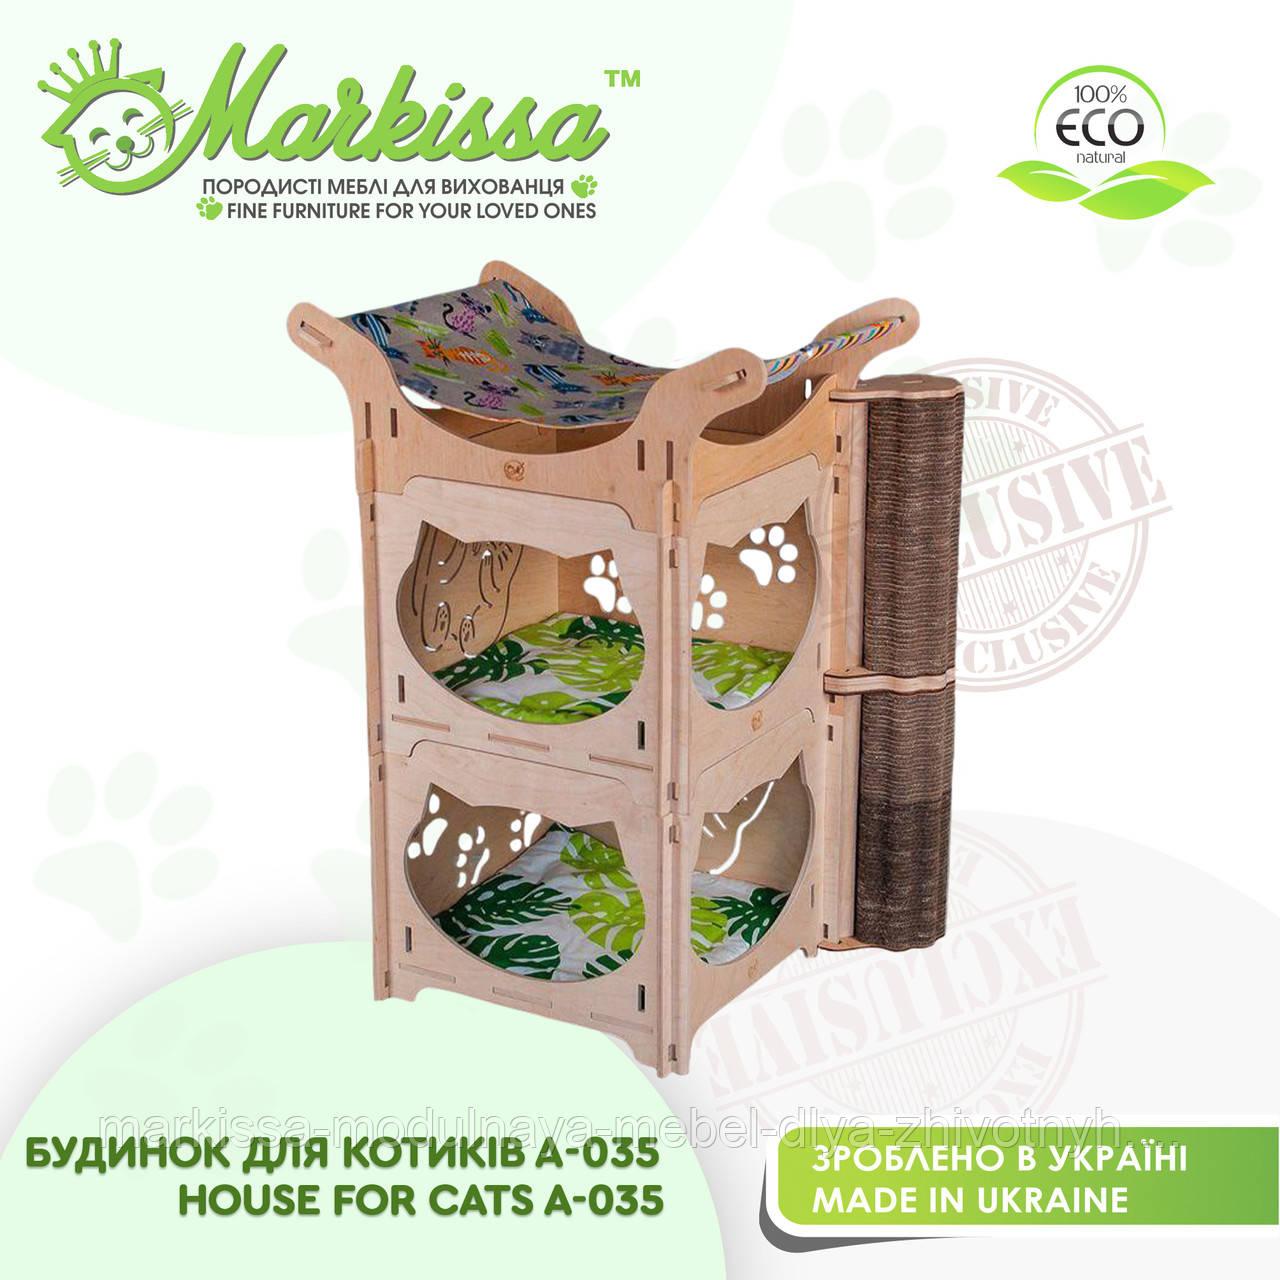 Будиночок для кішки, коти A-035 63*54*84 см TM Markissa